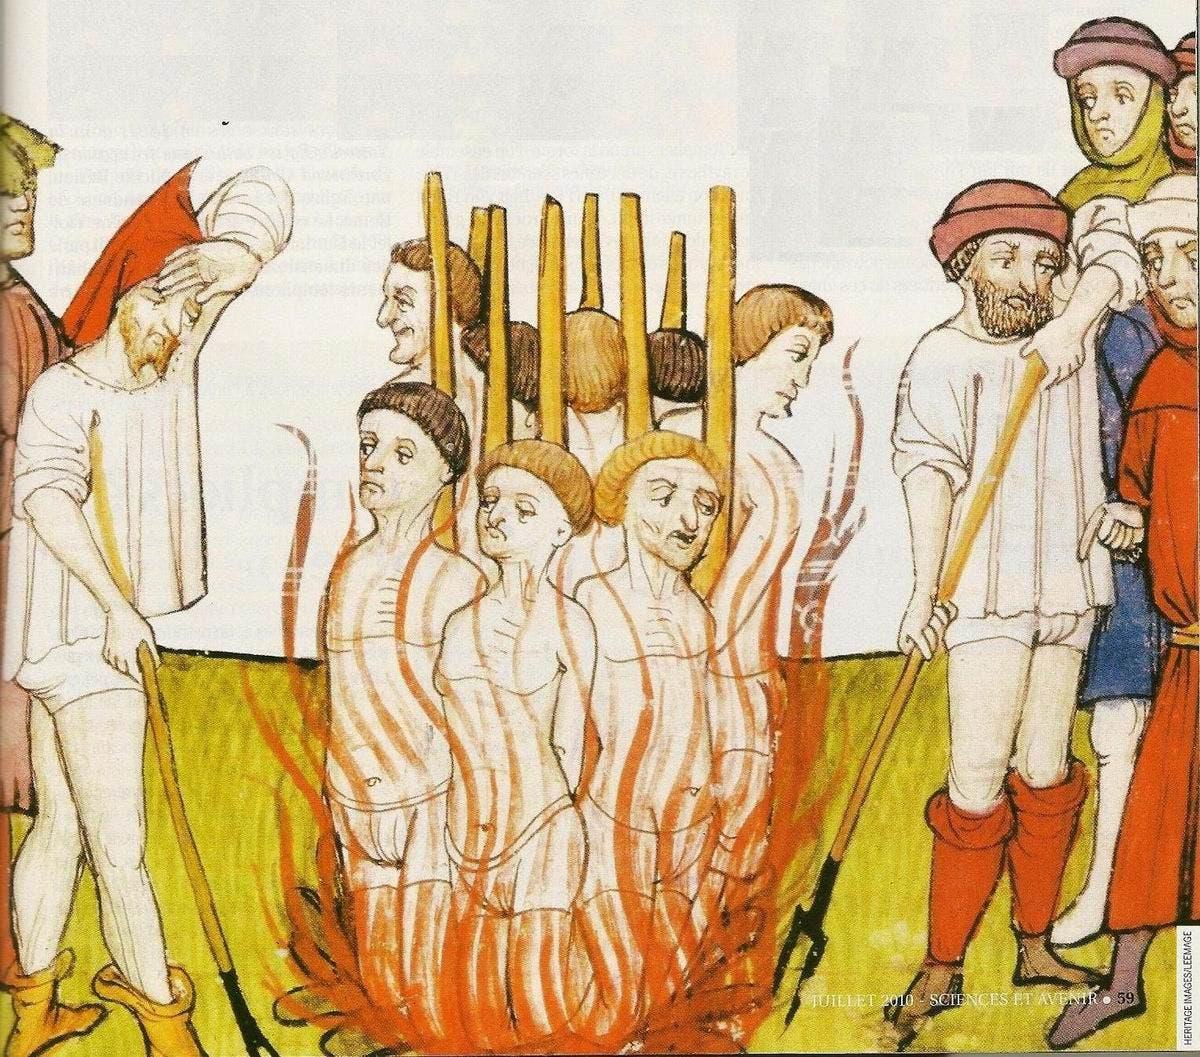 رسم تخيلي لإحدى عمليات الإعدام حرق بالقرون الوسطى